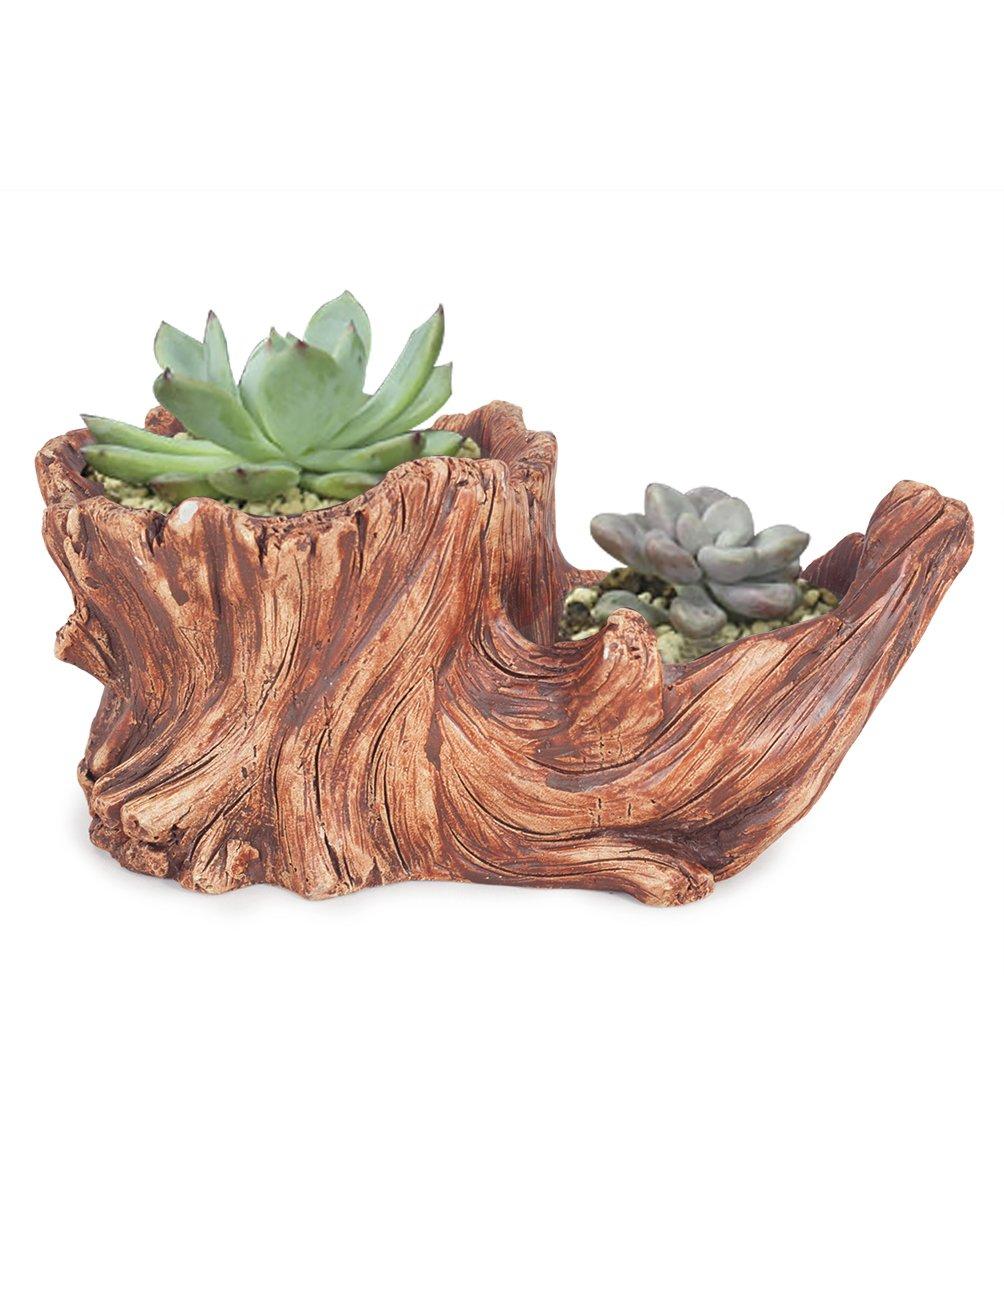 Dahlia Driftwood Stump Log Concrete Planter/Succulent Pot/Plant Pot, 8.4L x 4.5W